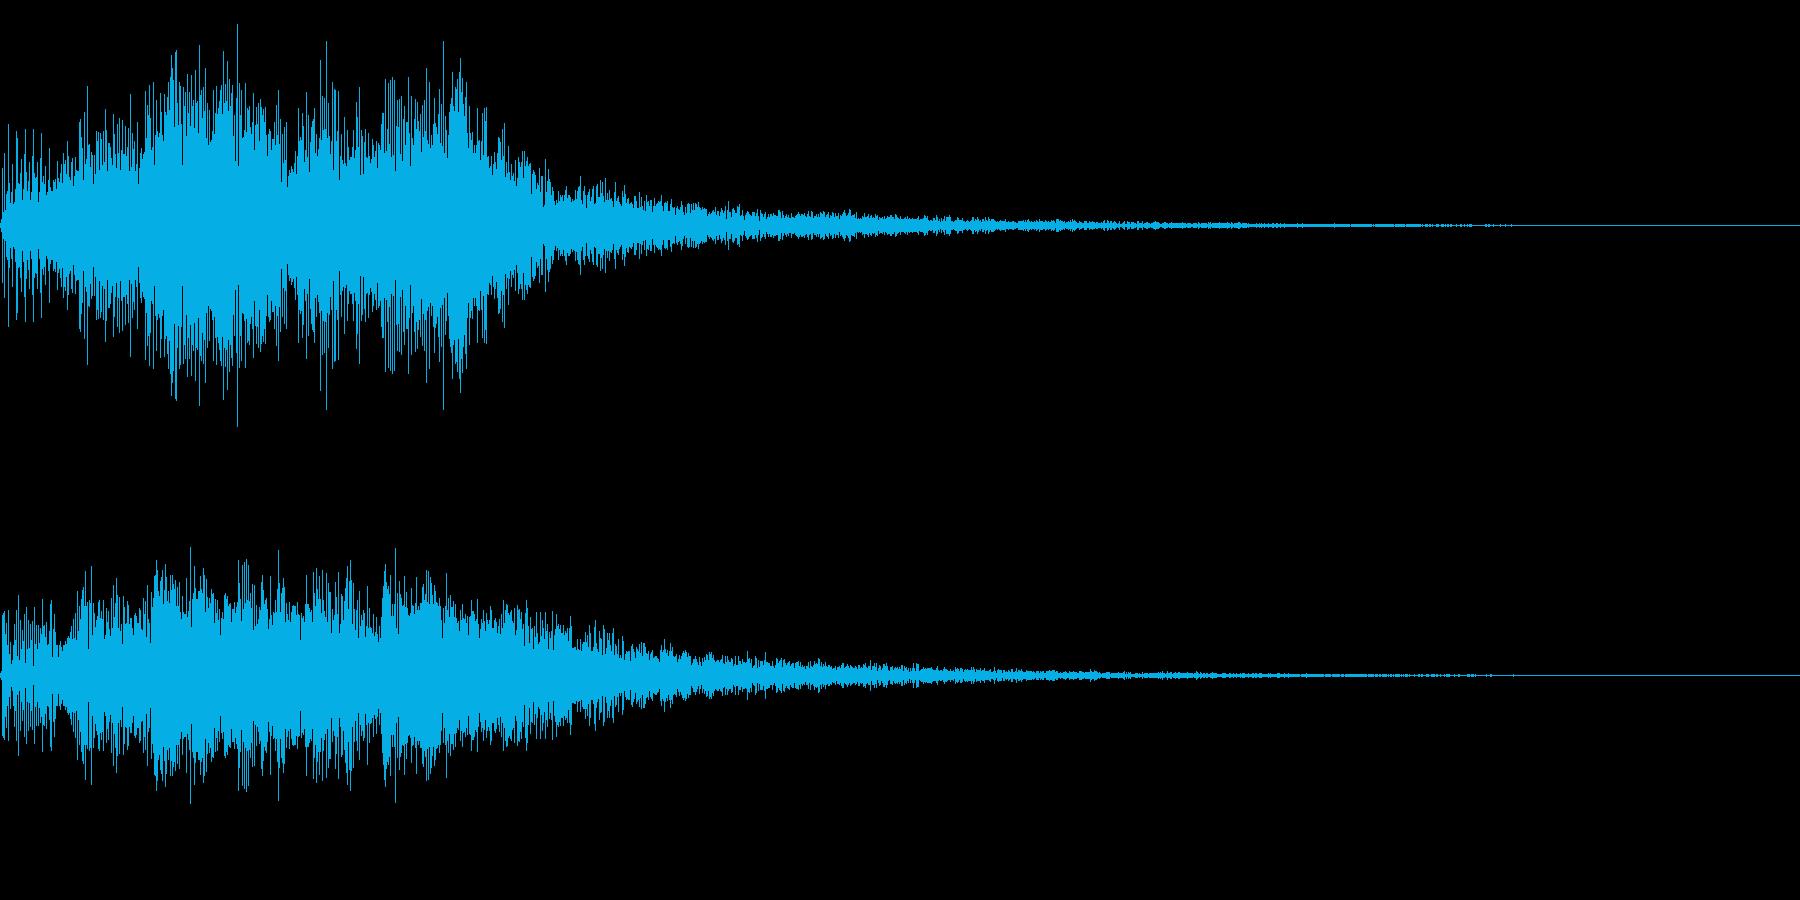 澄んだ感じのセレクト音 決定 スタート音の再生済みの波形